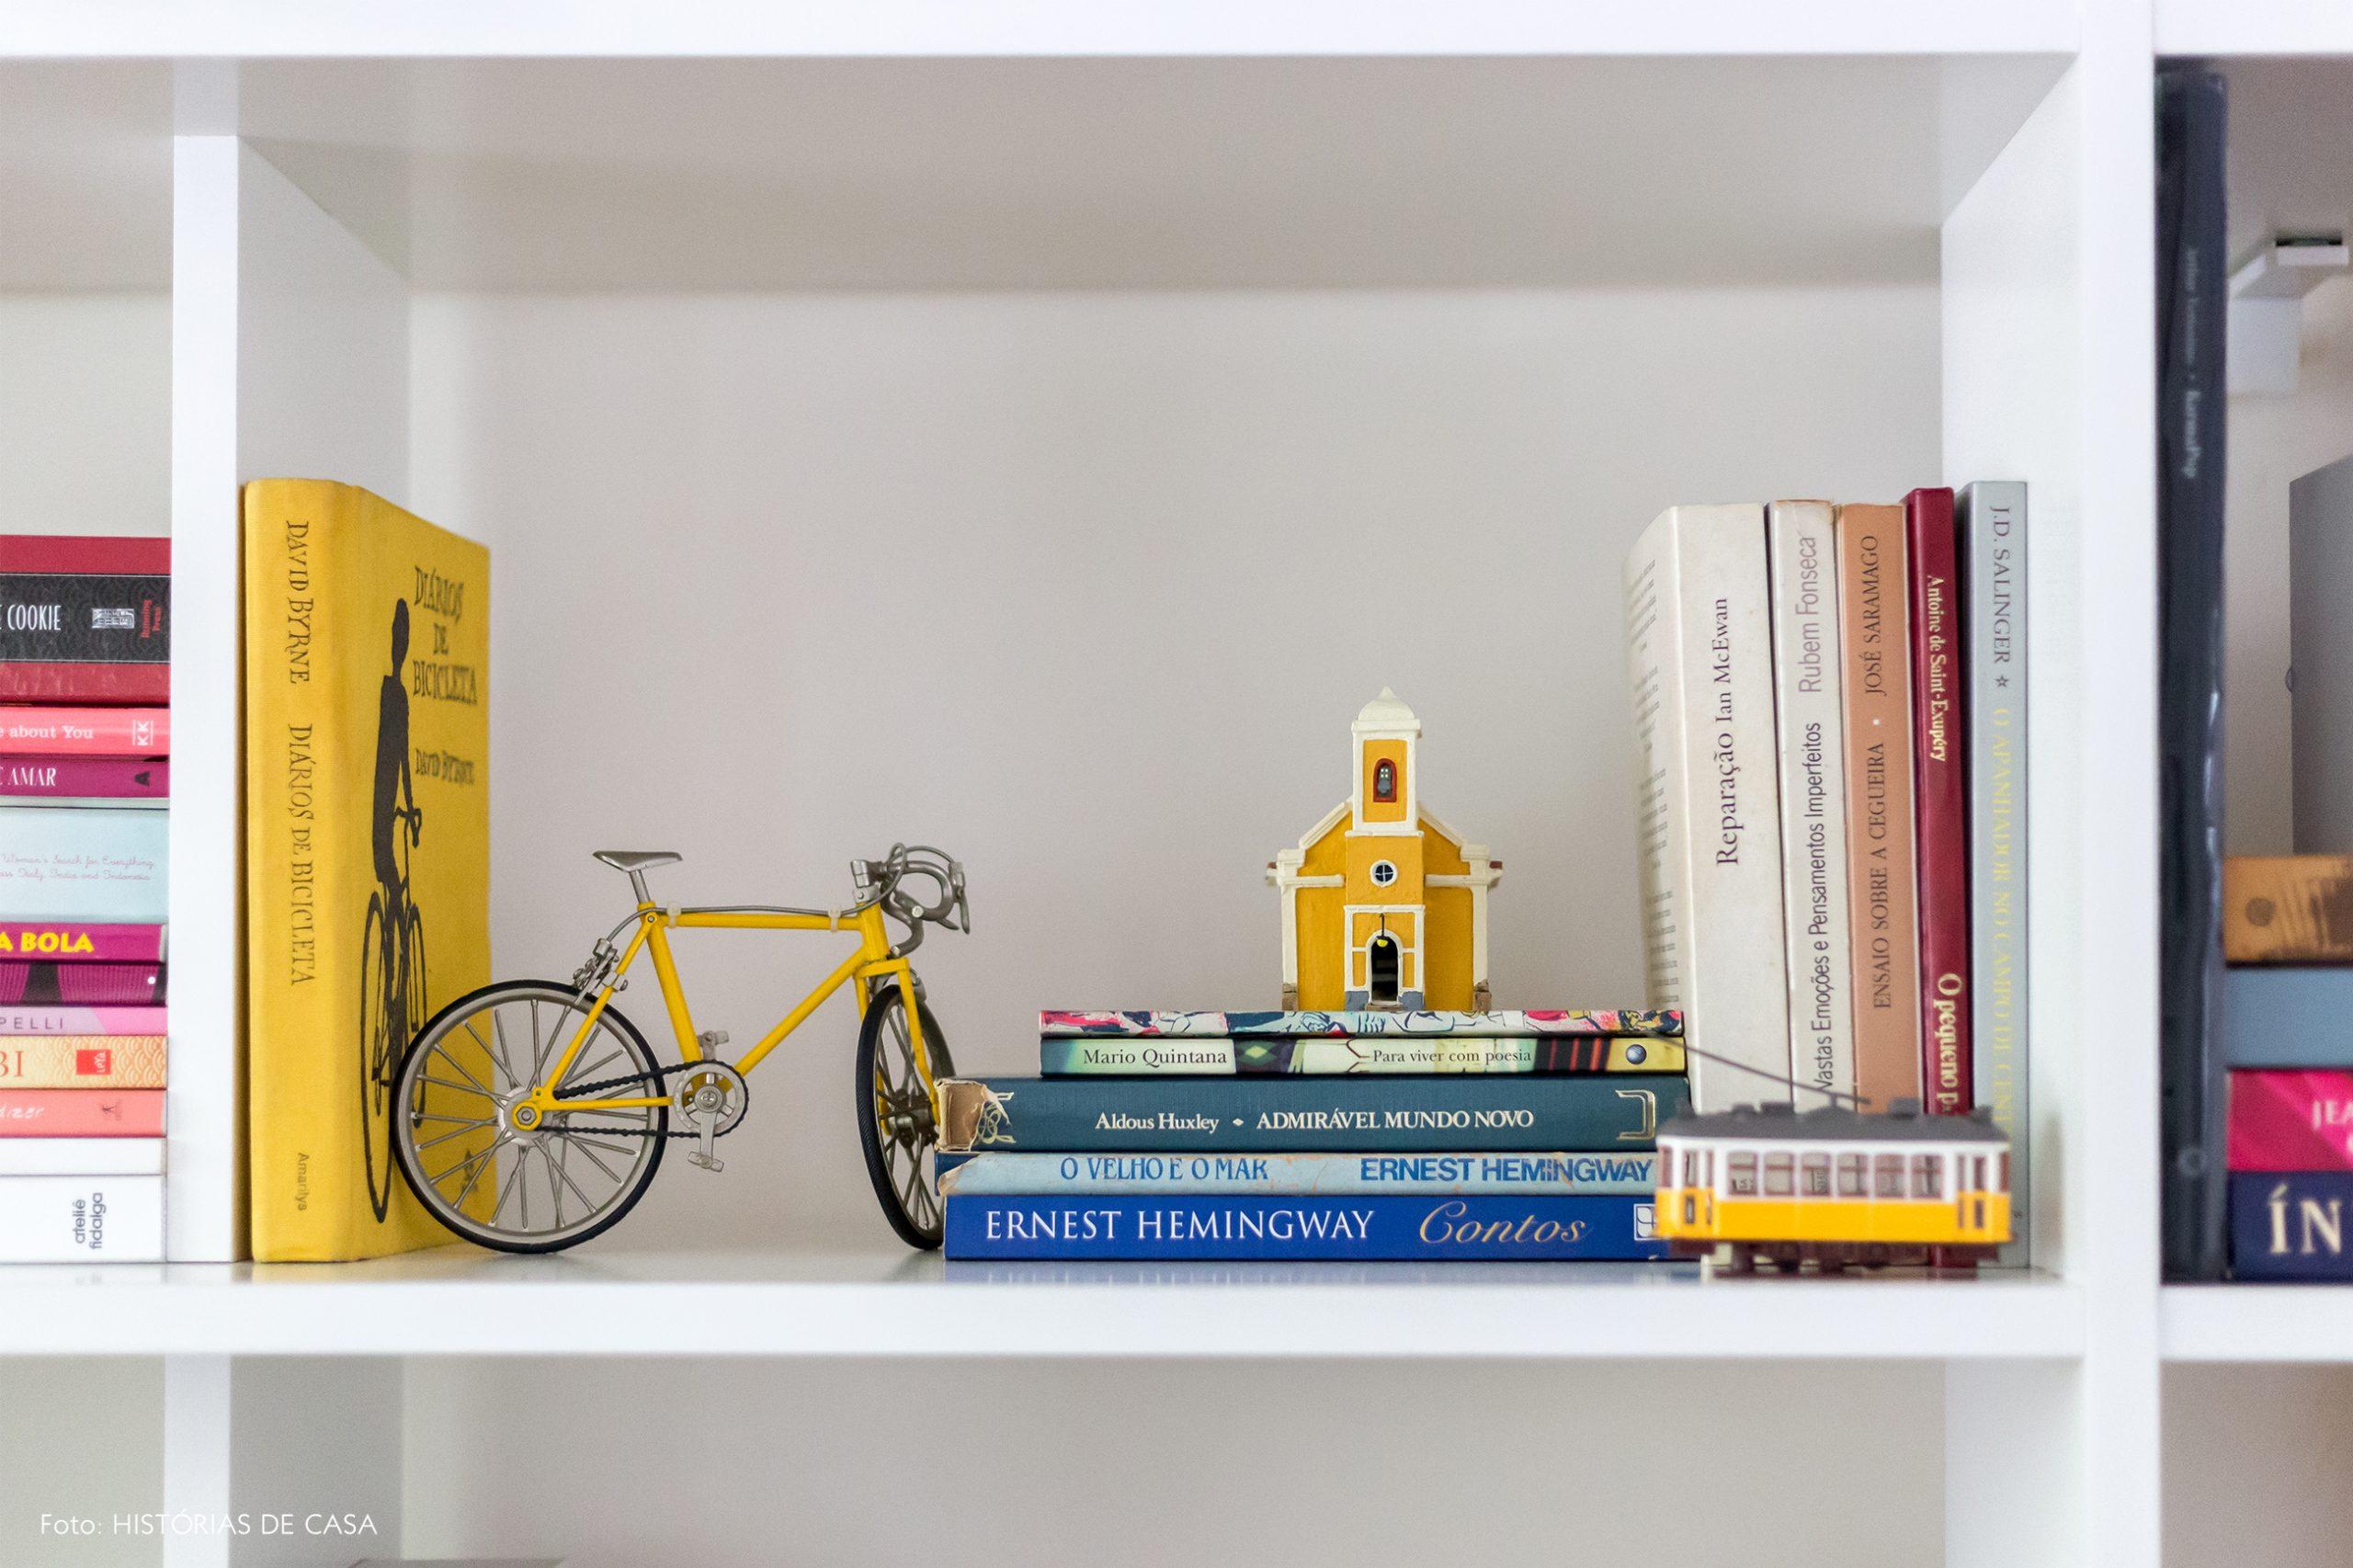 decoração detalhes de livros e objetos em estantes brancas